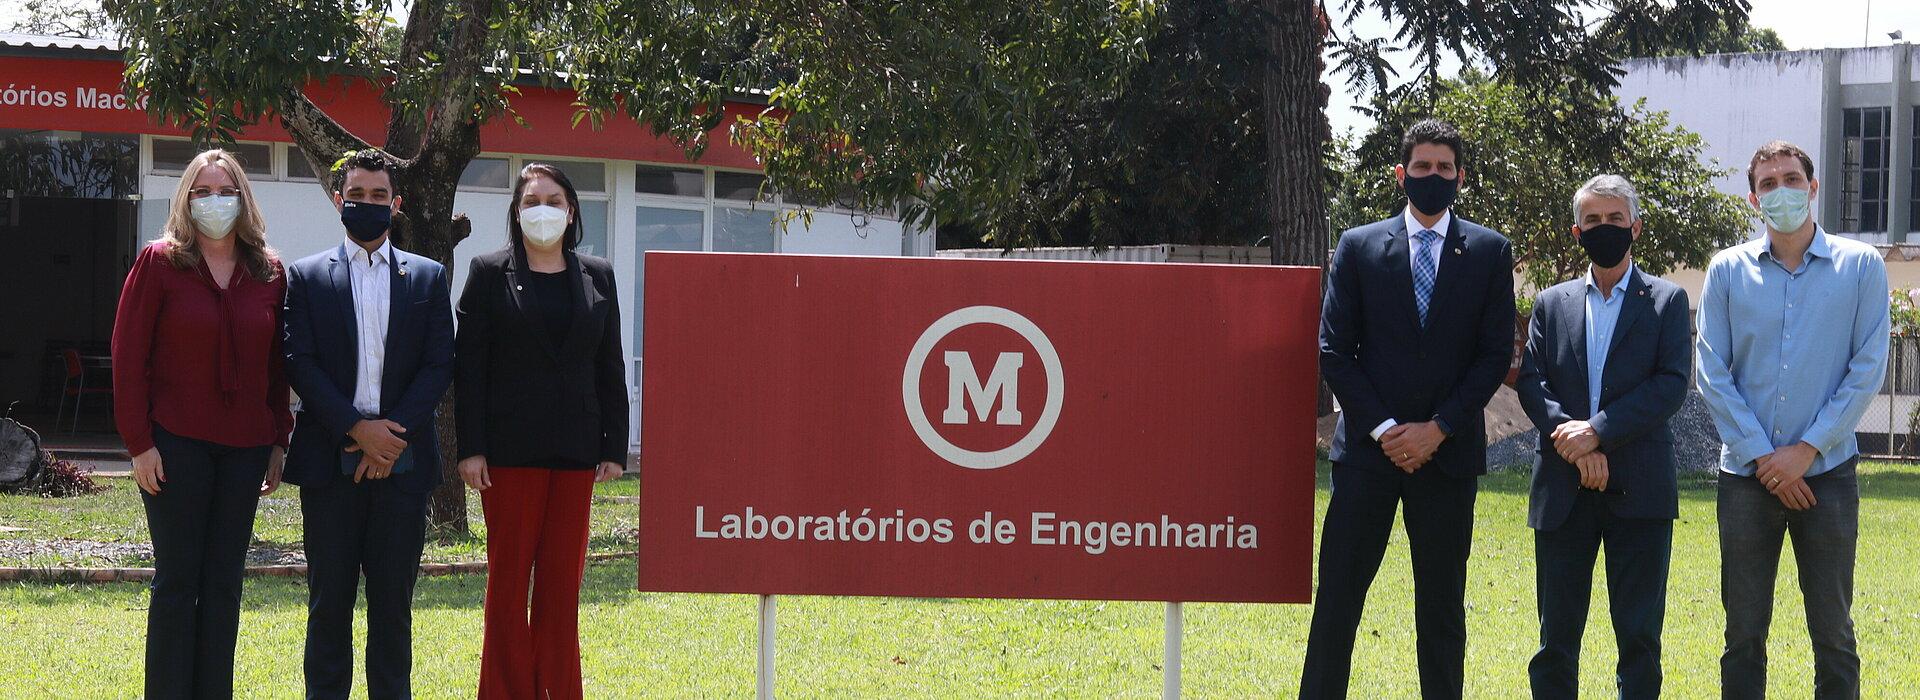 """Seis pessoas, entre homens e mulheres, todos usando máscaras, posam para foto em um jardim de gramado verde ao lado da placa que diz, """"Laboratório de Engenharia"""""""